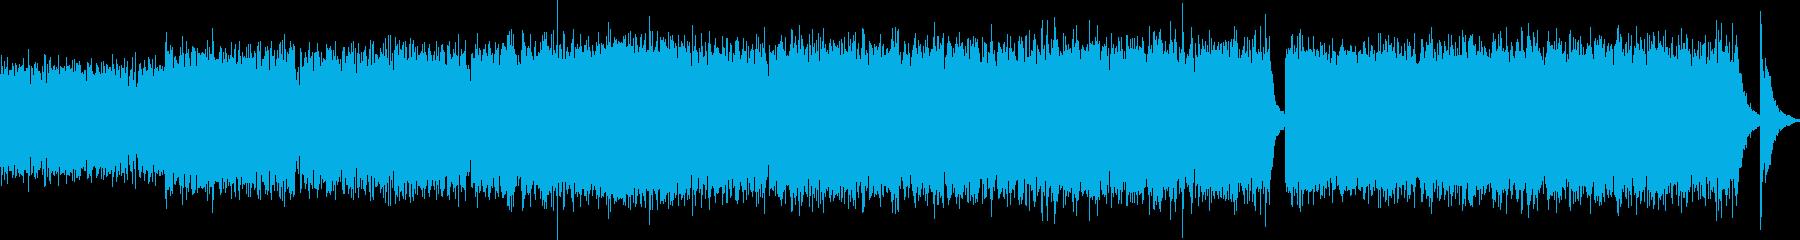 空へ飛び立つストリングスの再生済みの波形